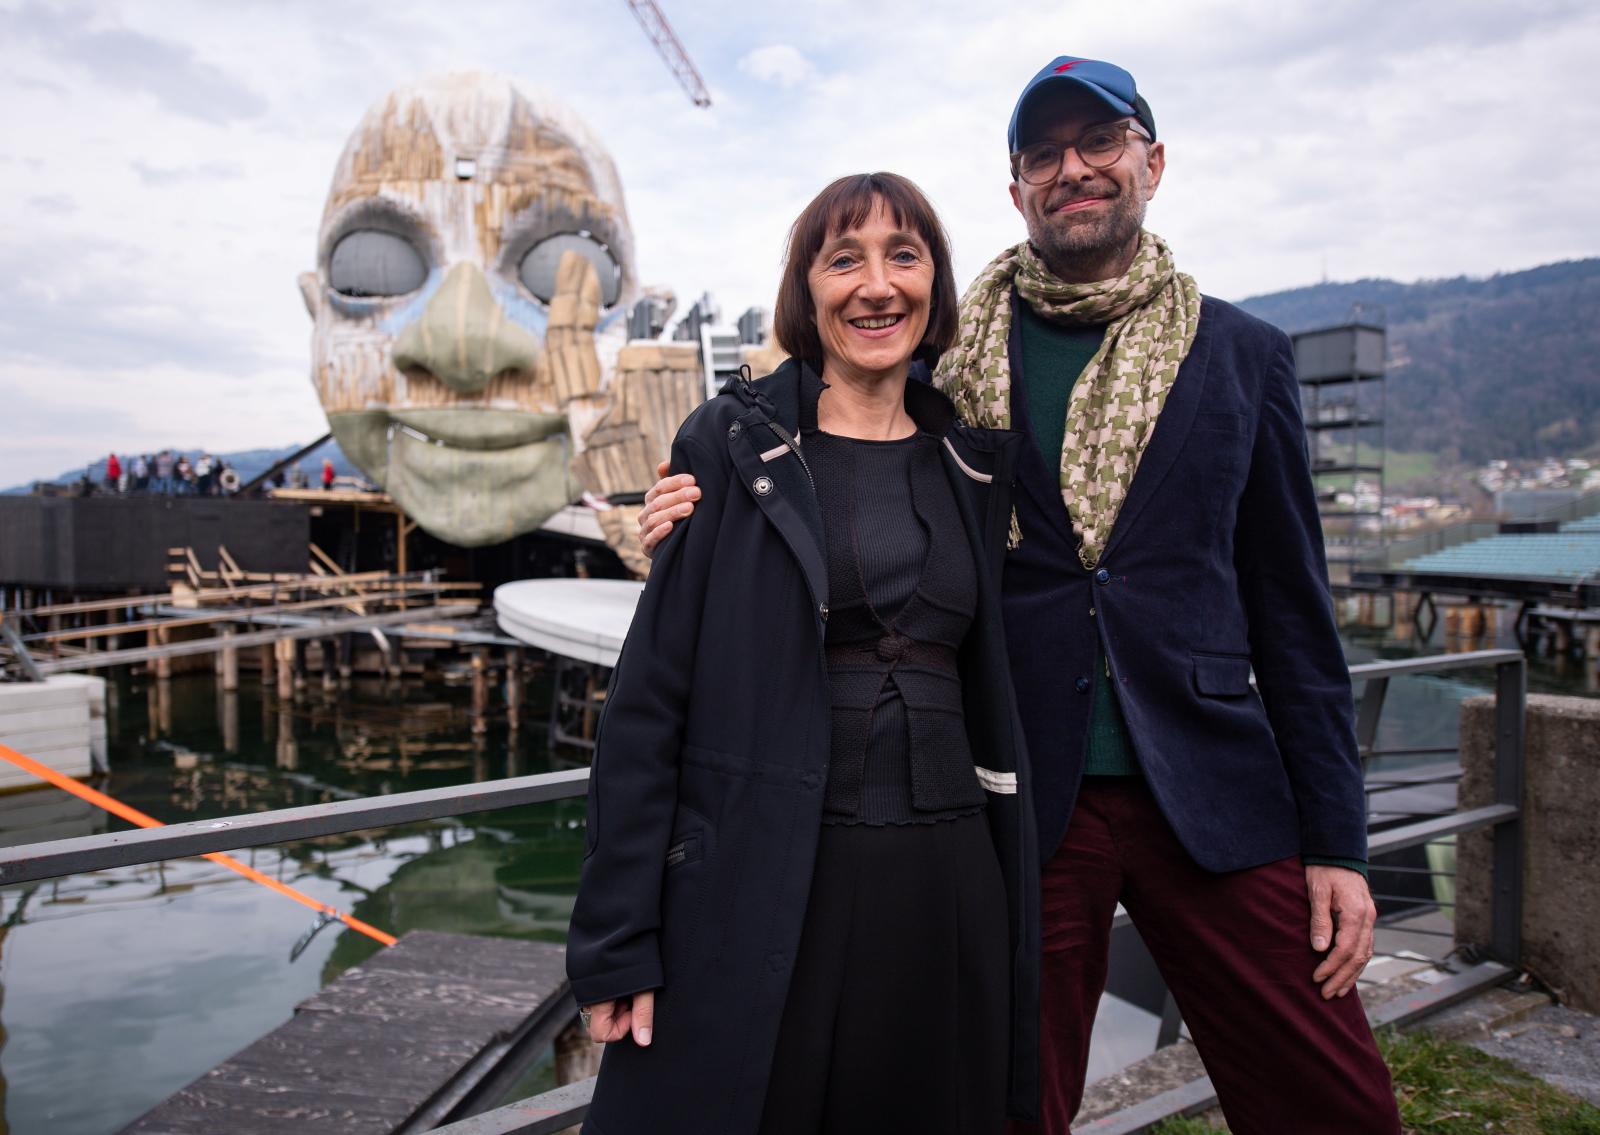 Bregenz Festival w Austrii. Fot. PAP/EPA/DANIEL KOPATSCH